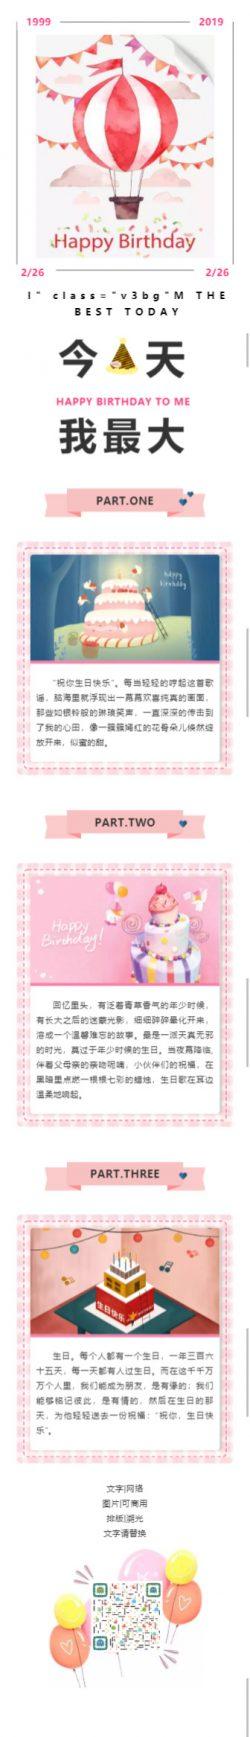 生日快乐HAPPY BIRTHDAY 粉红色微信图文模板推文素材